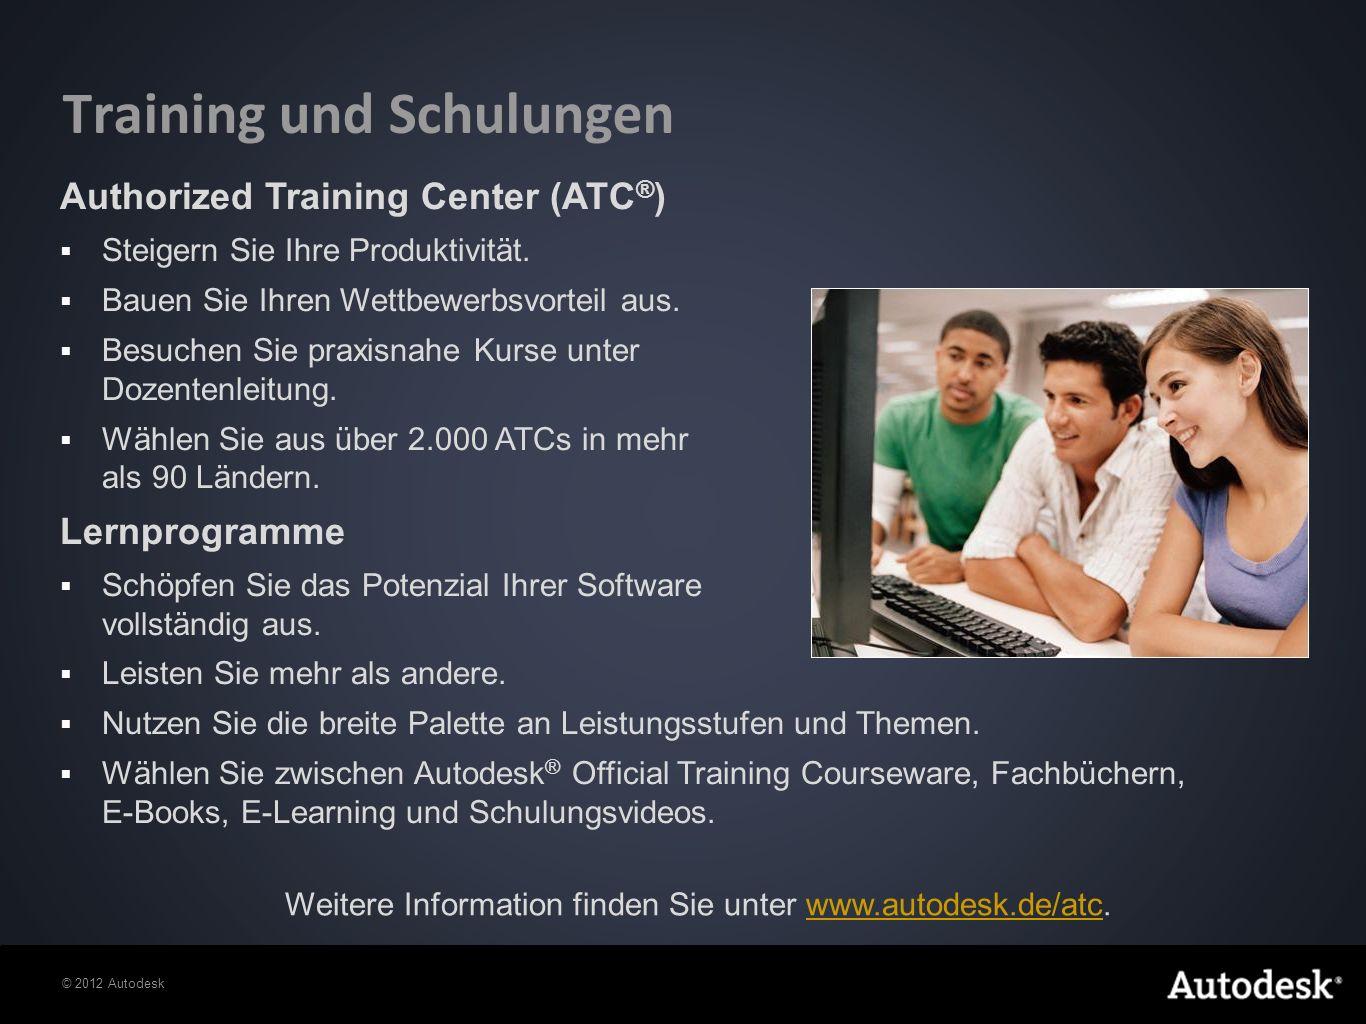 Training und Schulungen